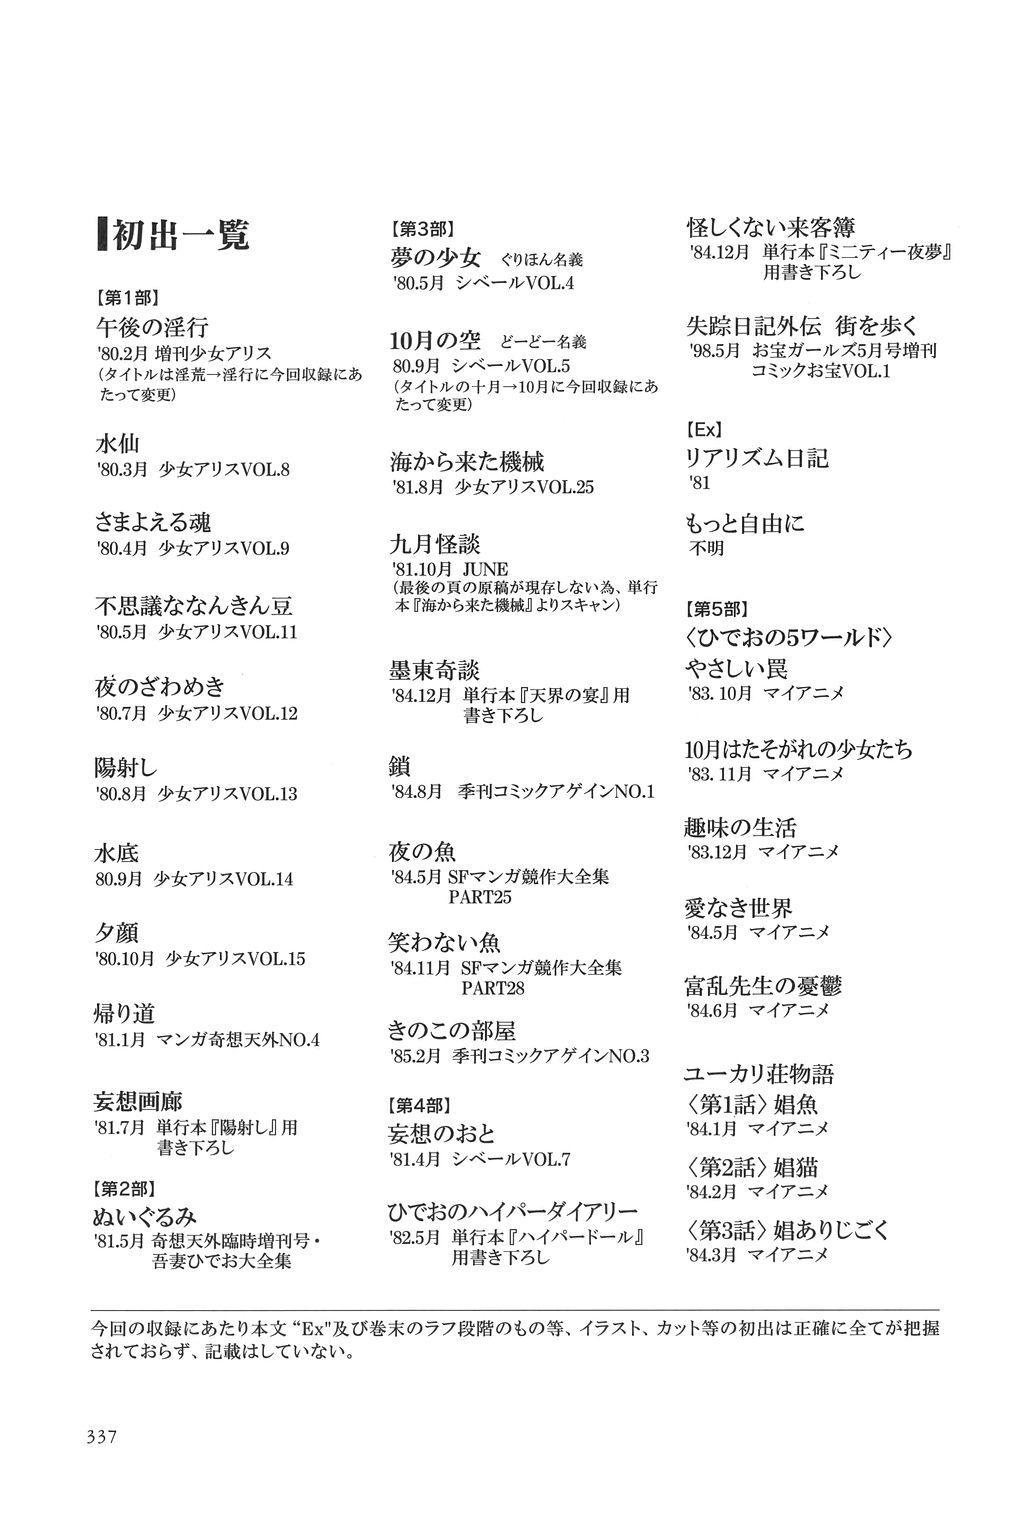 Azuma Hideo Sakuhin Shuusei - Yoru no Tobari no Naka de 337